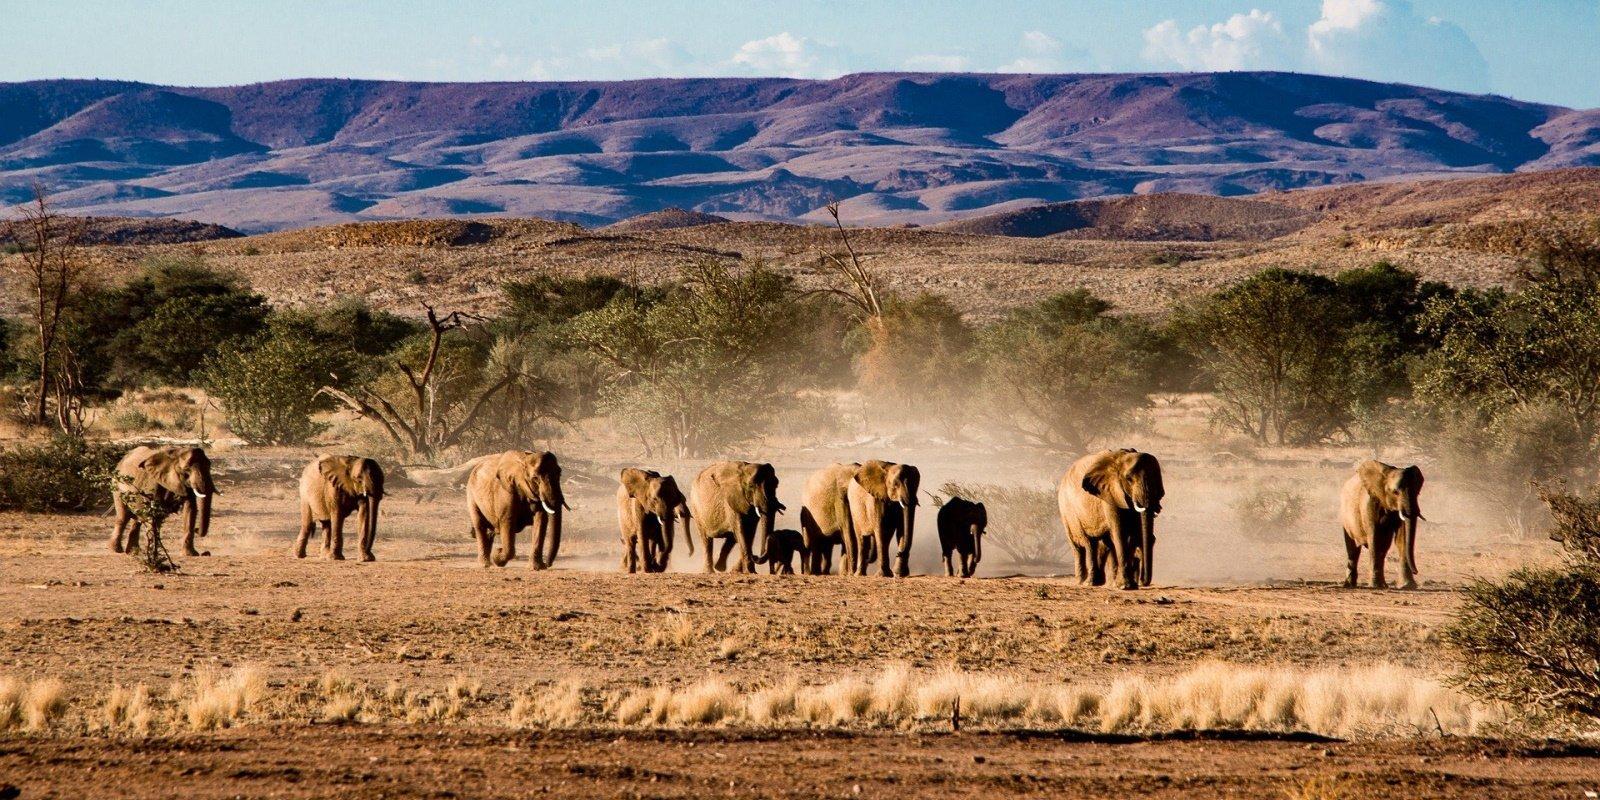 sfeerfoto groot homepage afrika 003.jpg